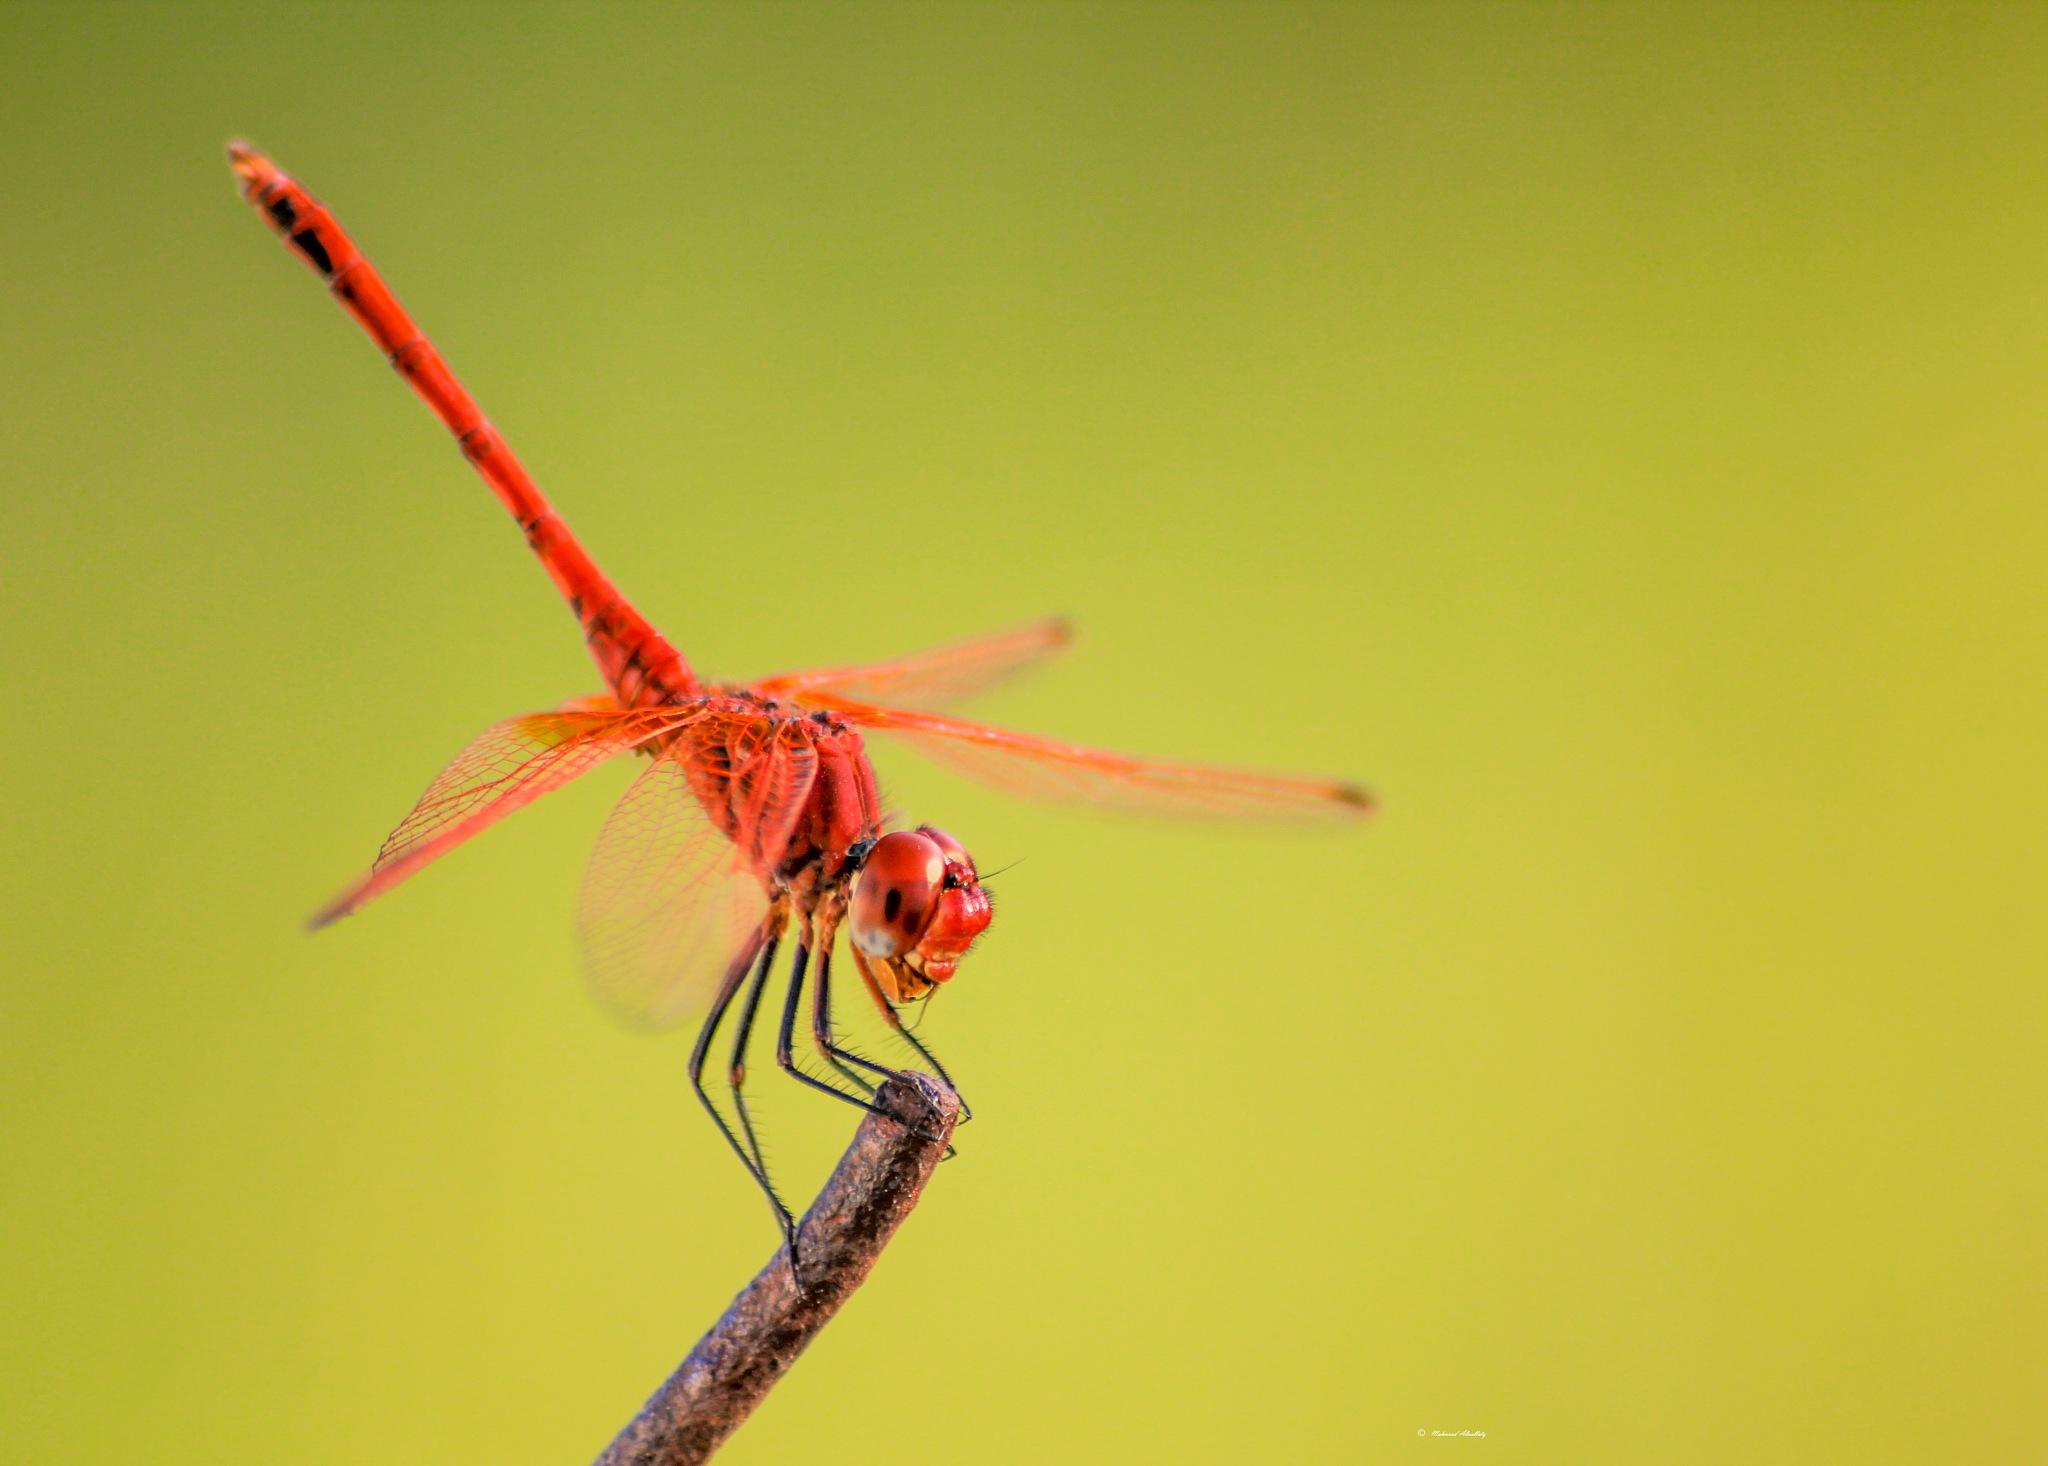 Dragonfly by Mahmuod Almsllaty